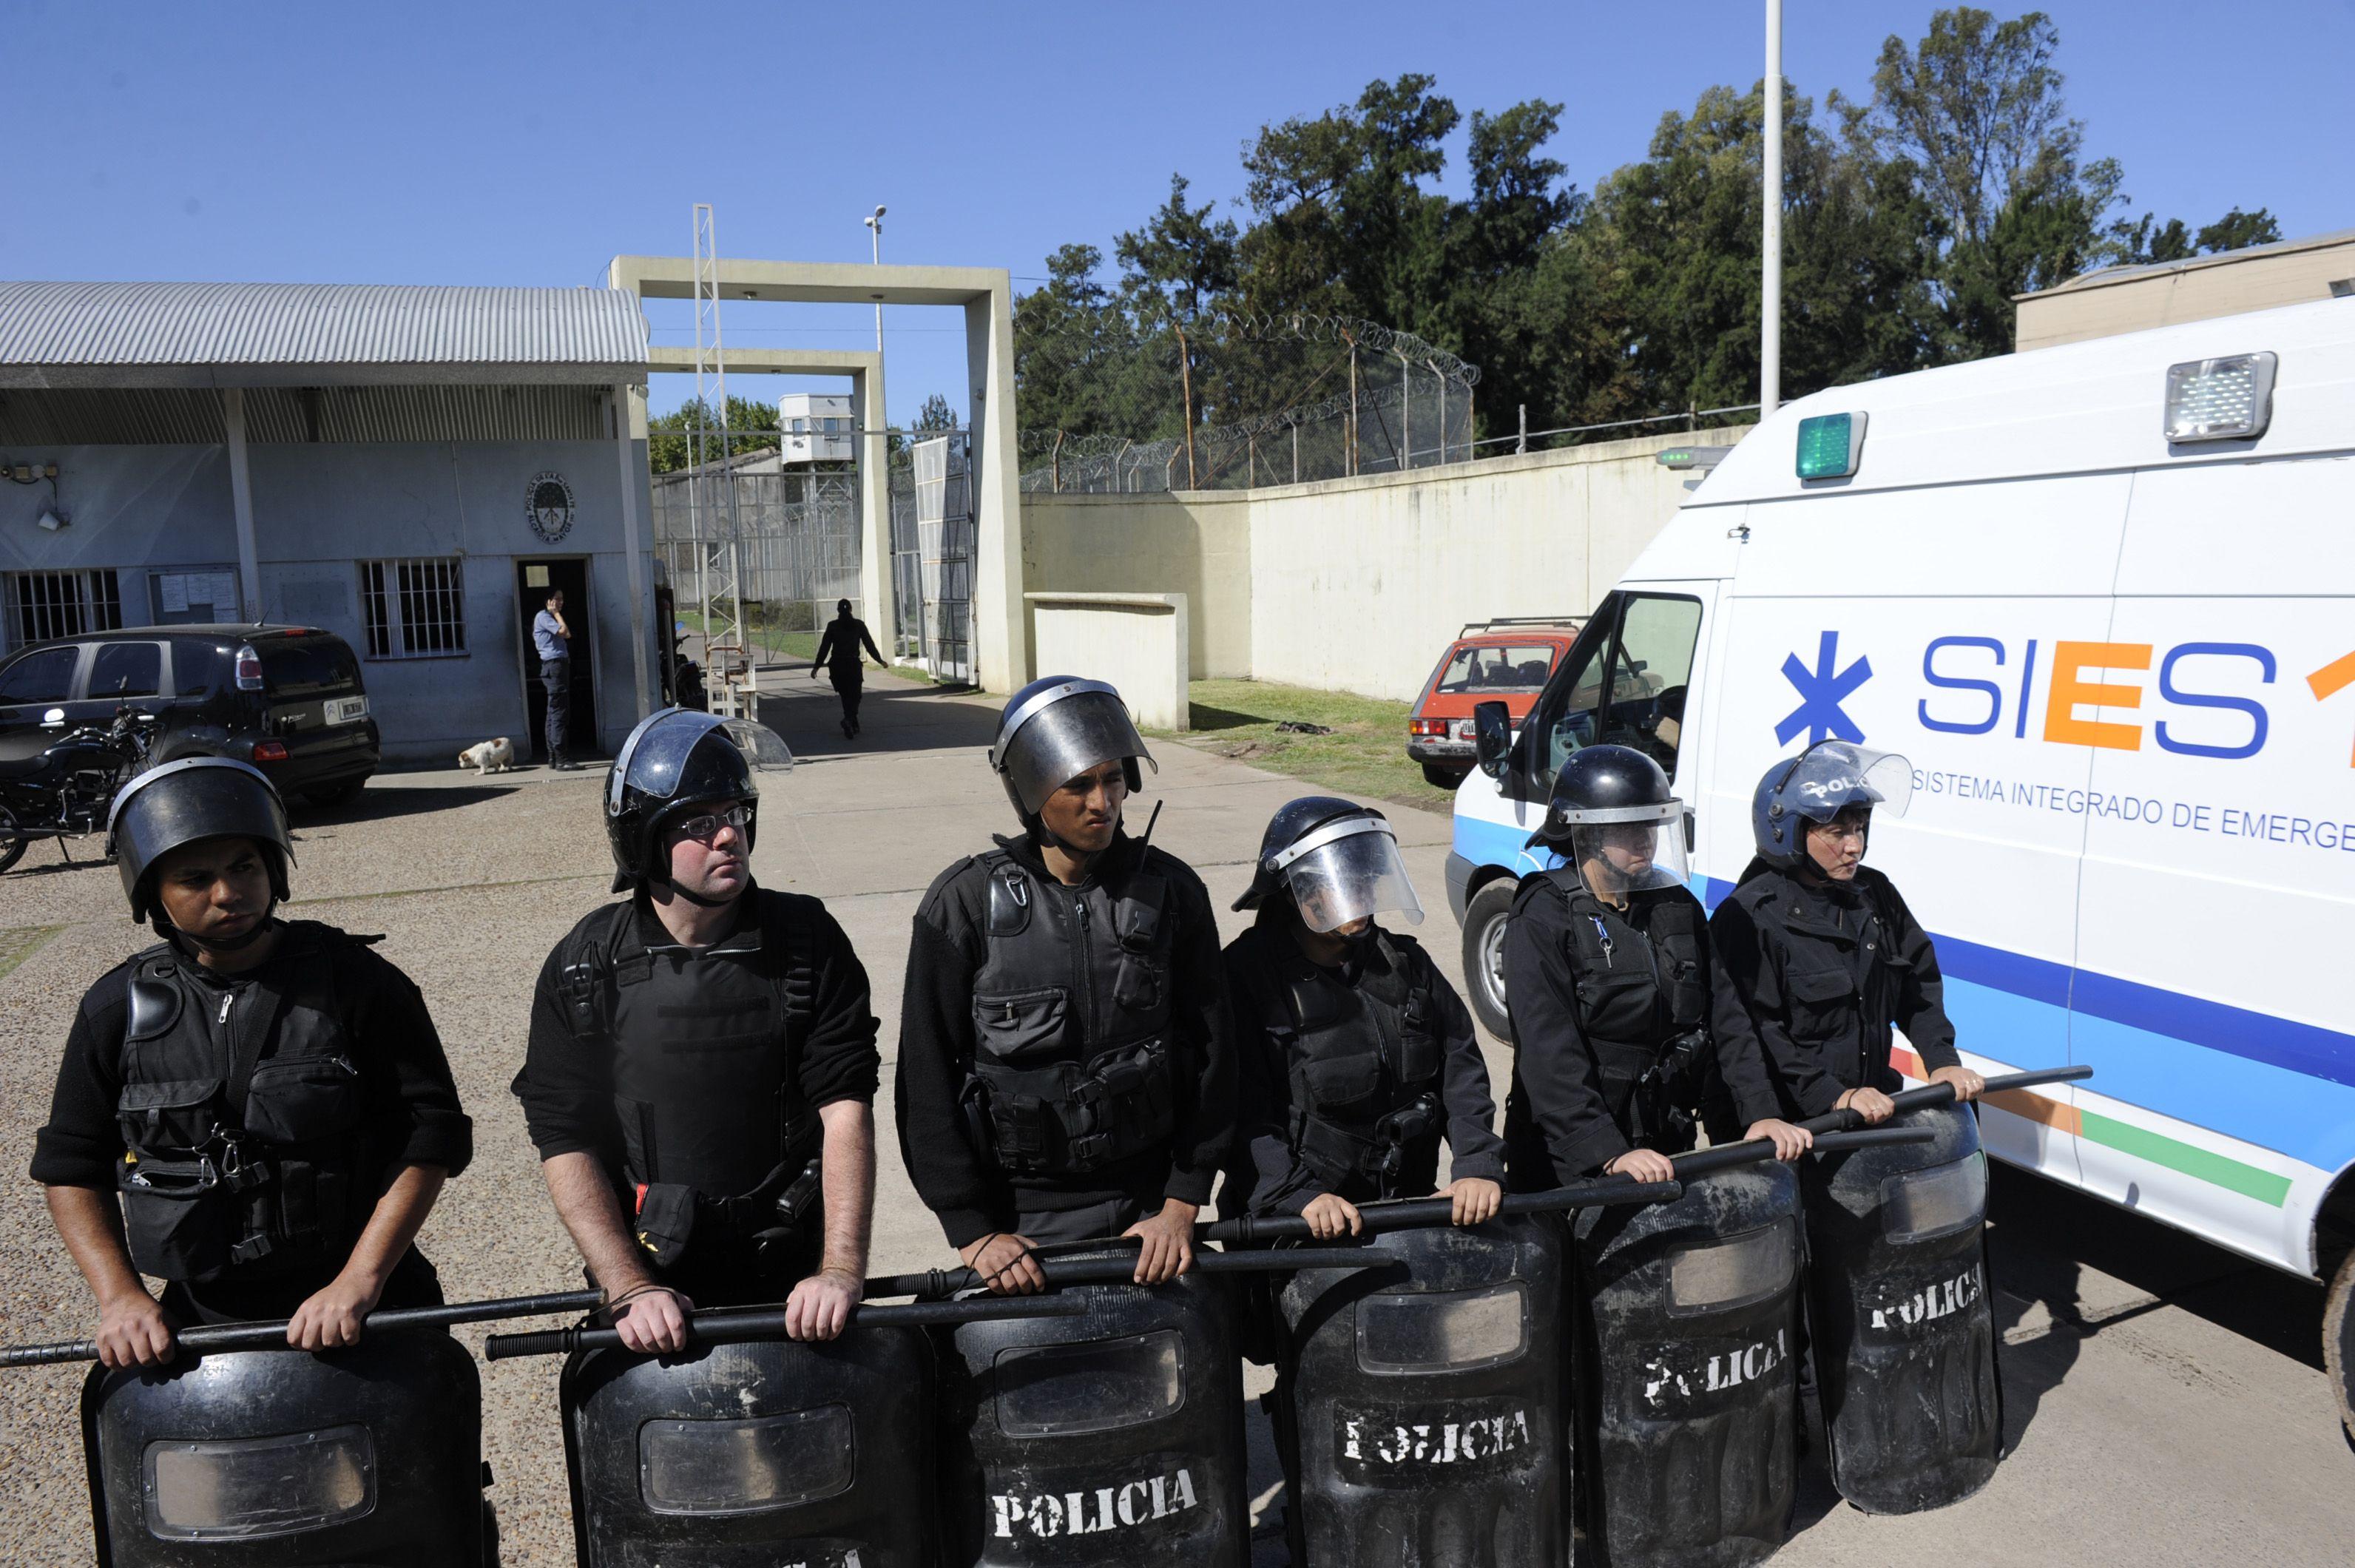 El concejal justicialista Diego Giuliano aseguró que es muy grave el estado de hacinamiento en que se encuentran las comisarías rosarinas